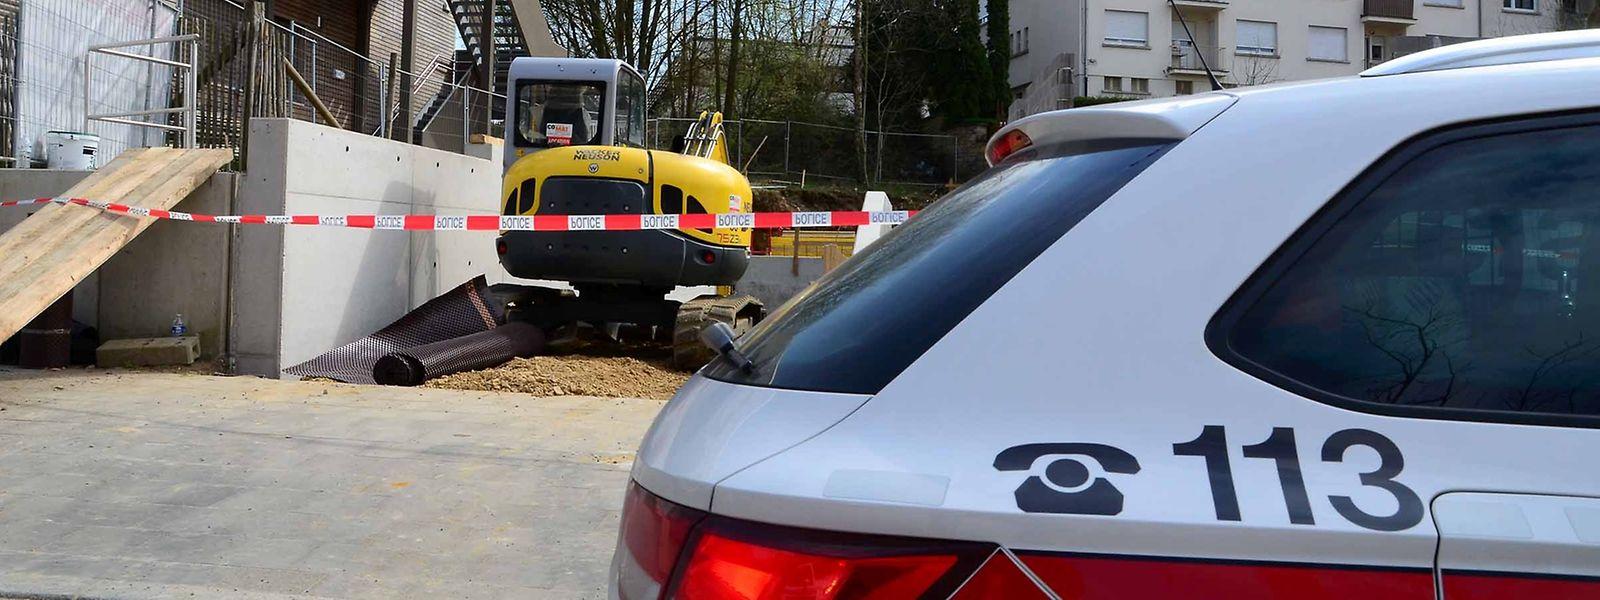 Der tragische Arbeitsunfall ereignete sich im April 2016 auf dieser Baustelle in der Rue de l'Avenir im Hauptstadtviertel Limpertsberg.